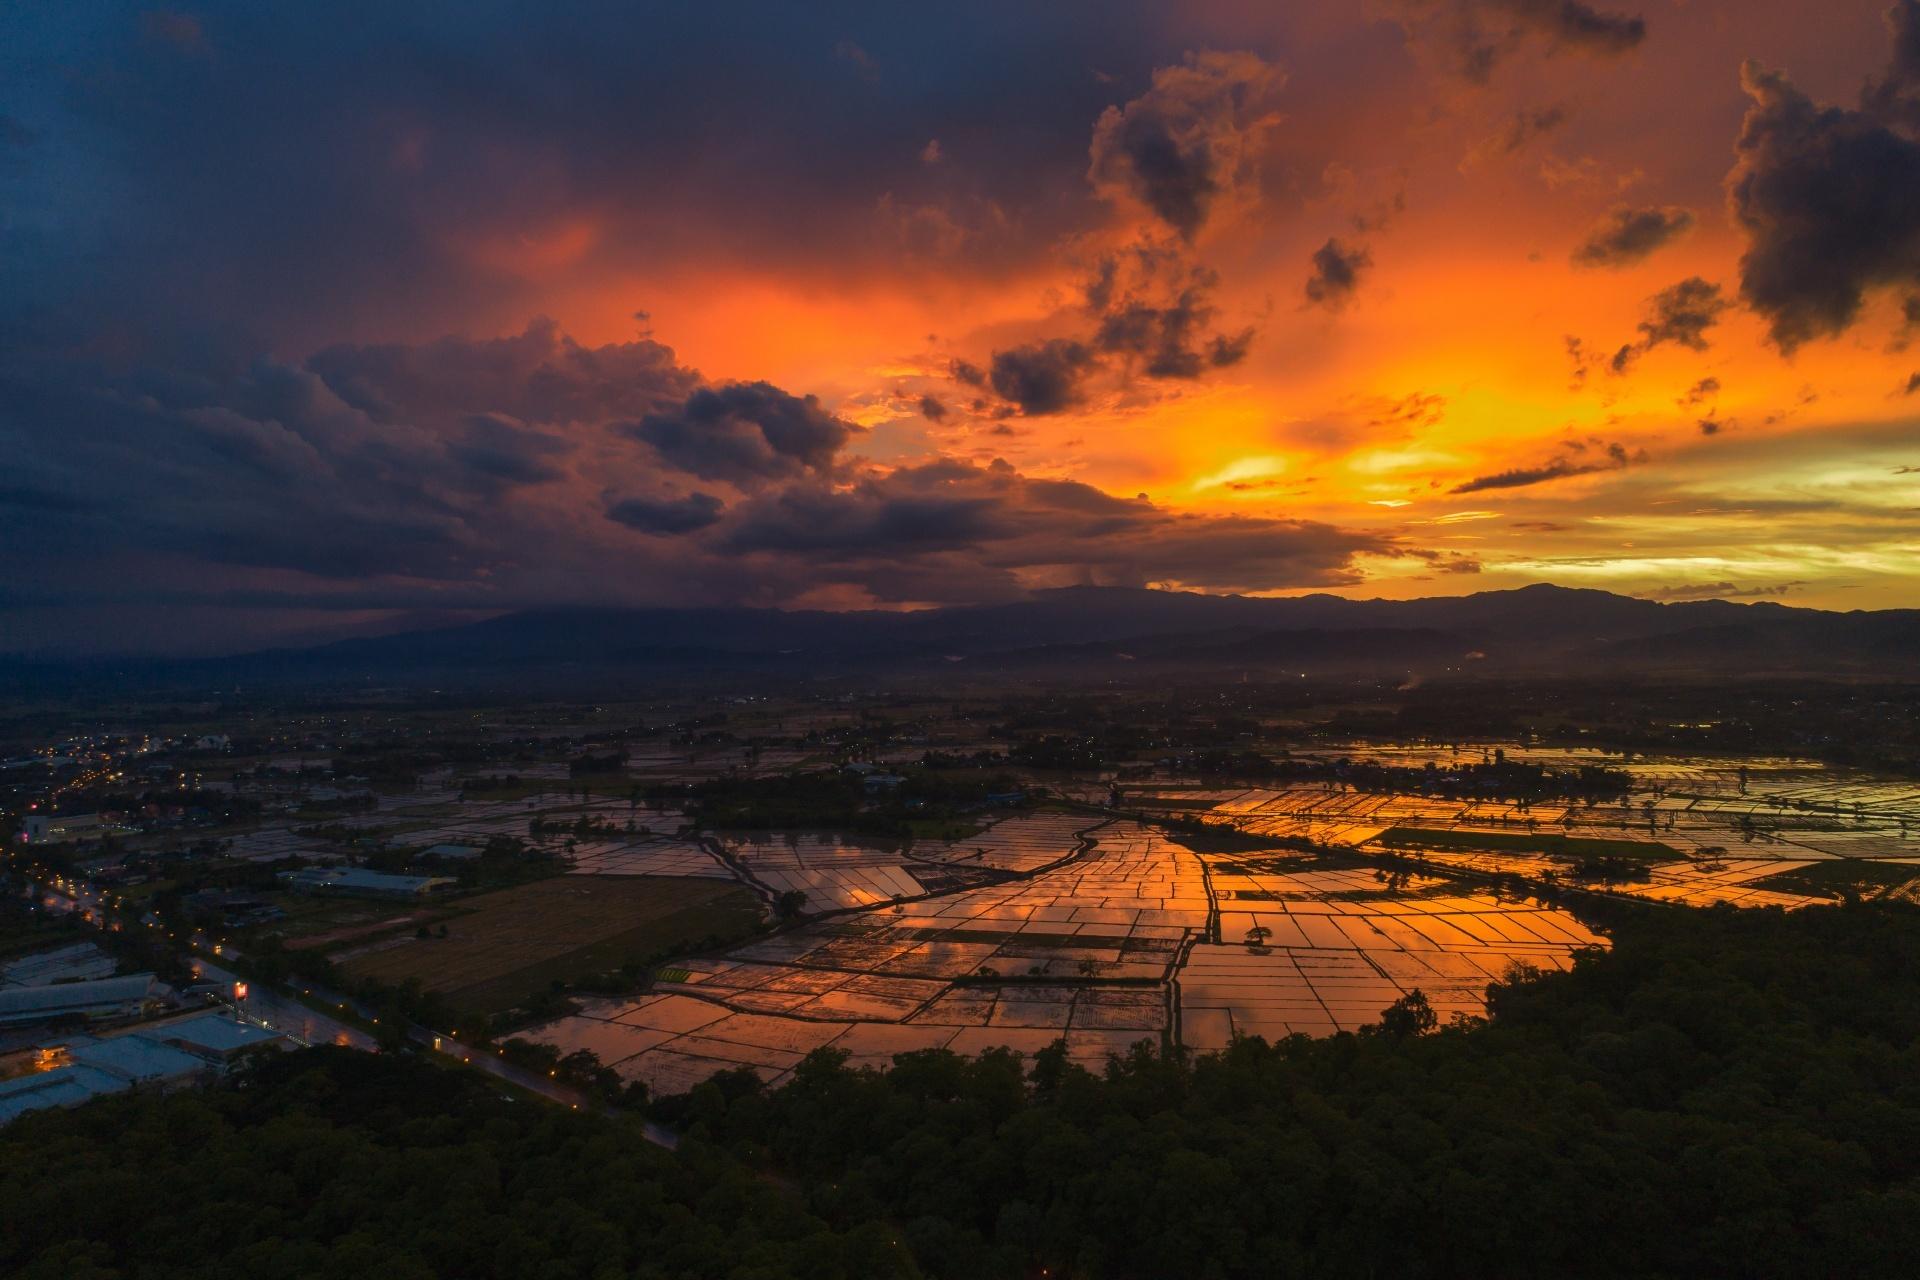 夕焼けの水田 タイの田園風景